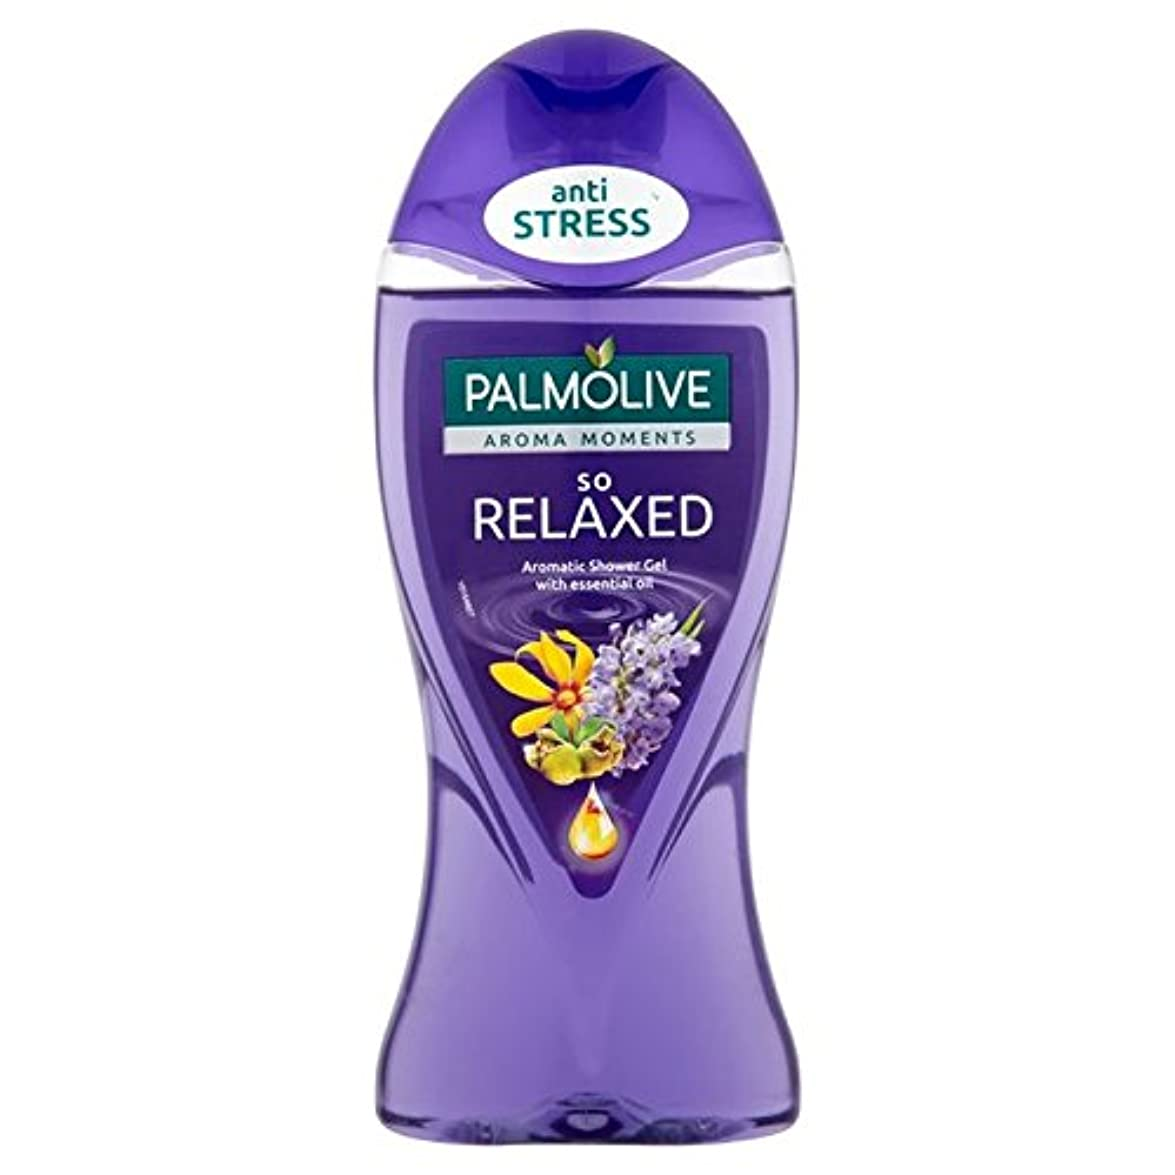 頑丈ルアー山積みのパルモシャワージェルリラックスした250ミリリットル x4 - Palmolive Shower Gel Relaxed 250ml (Pack of 4) [並行輸入品]